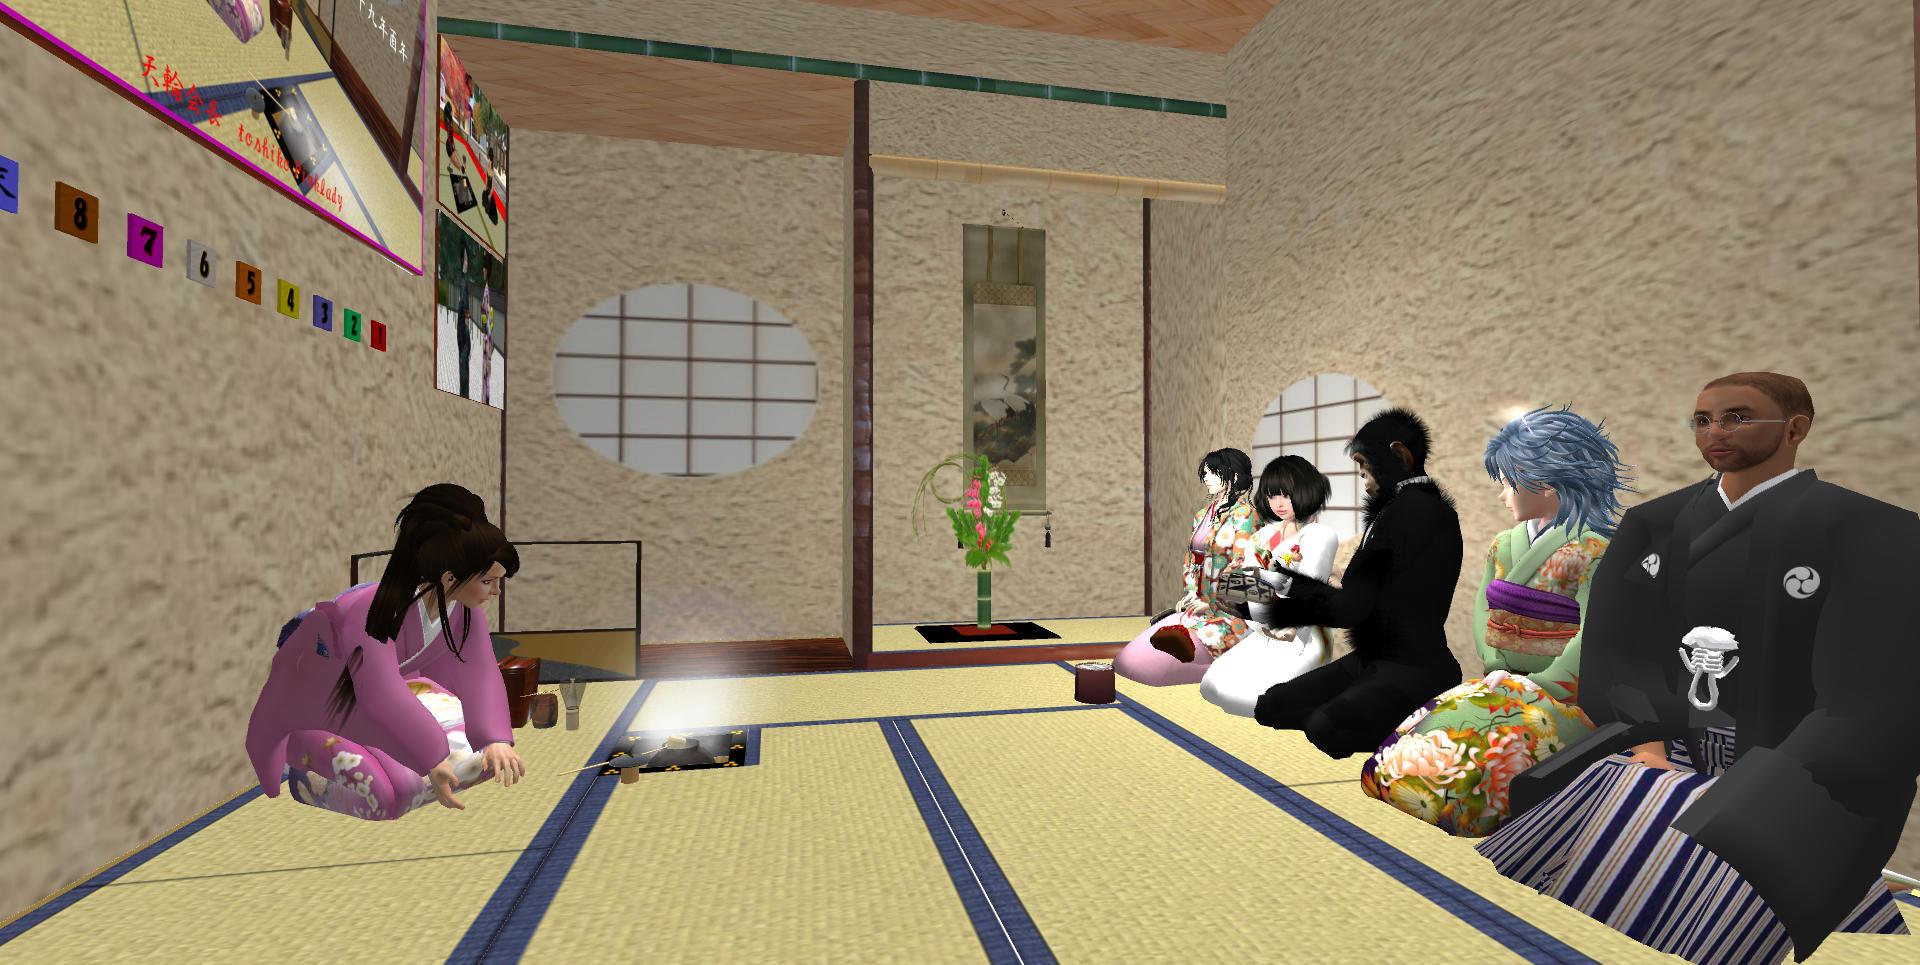 次客のるみさんから三客のボスに濃茶を手渡し